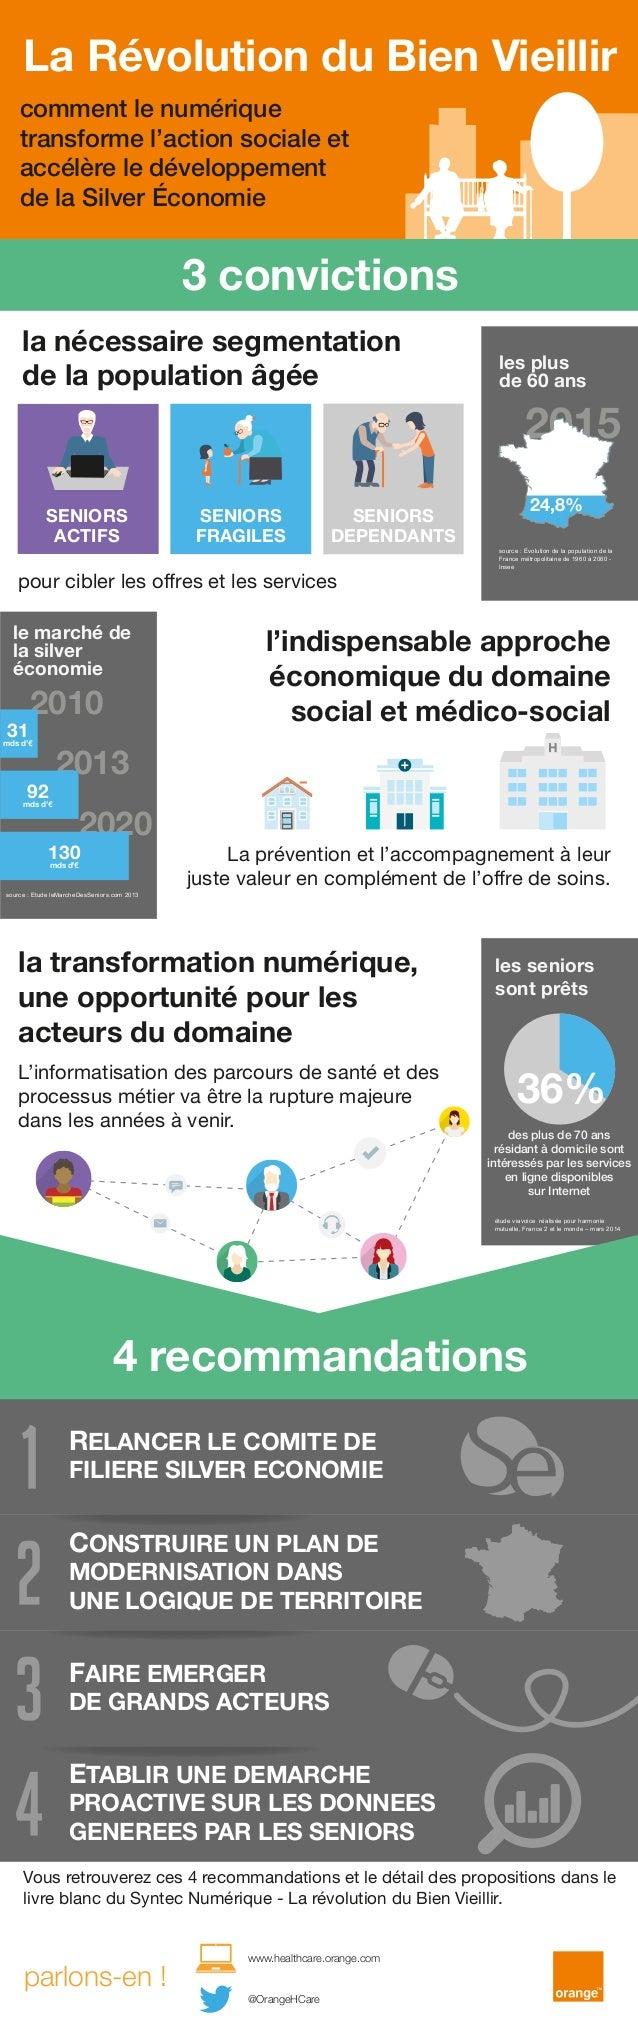 parlons-en ! La Révolution du Bien Vieillir comment le numérique transforme l'action sociale et accélère le développement ...